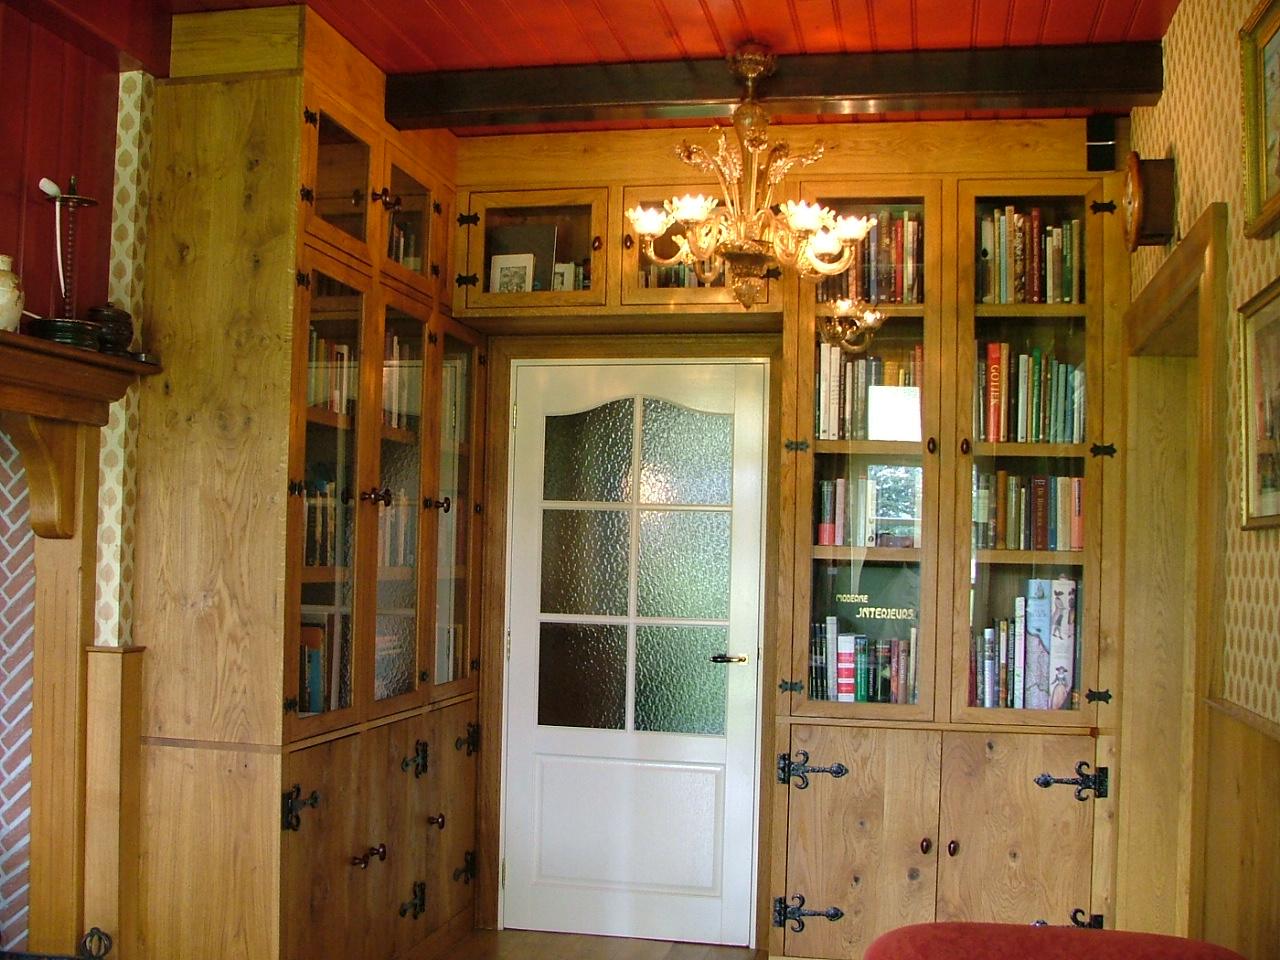 Inbouw kast op maat gemaakt van massief hout en voorzien van klassiek zwaar hang en sluitwerk